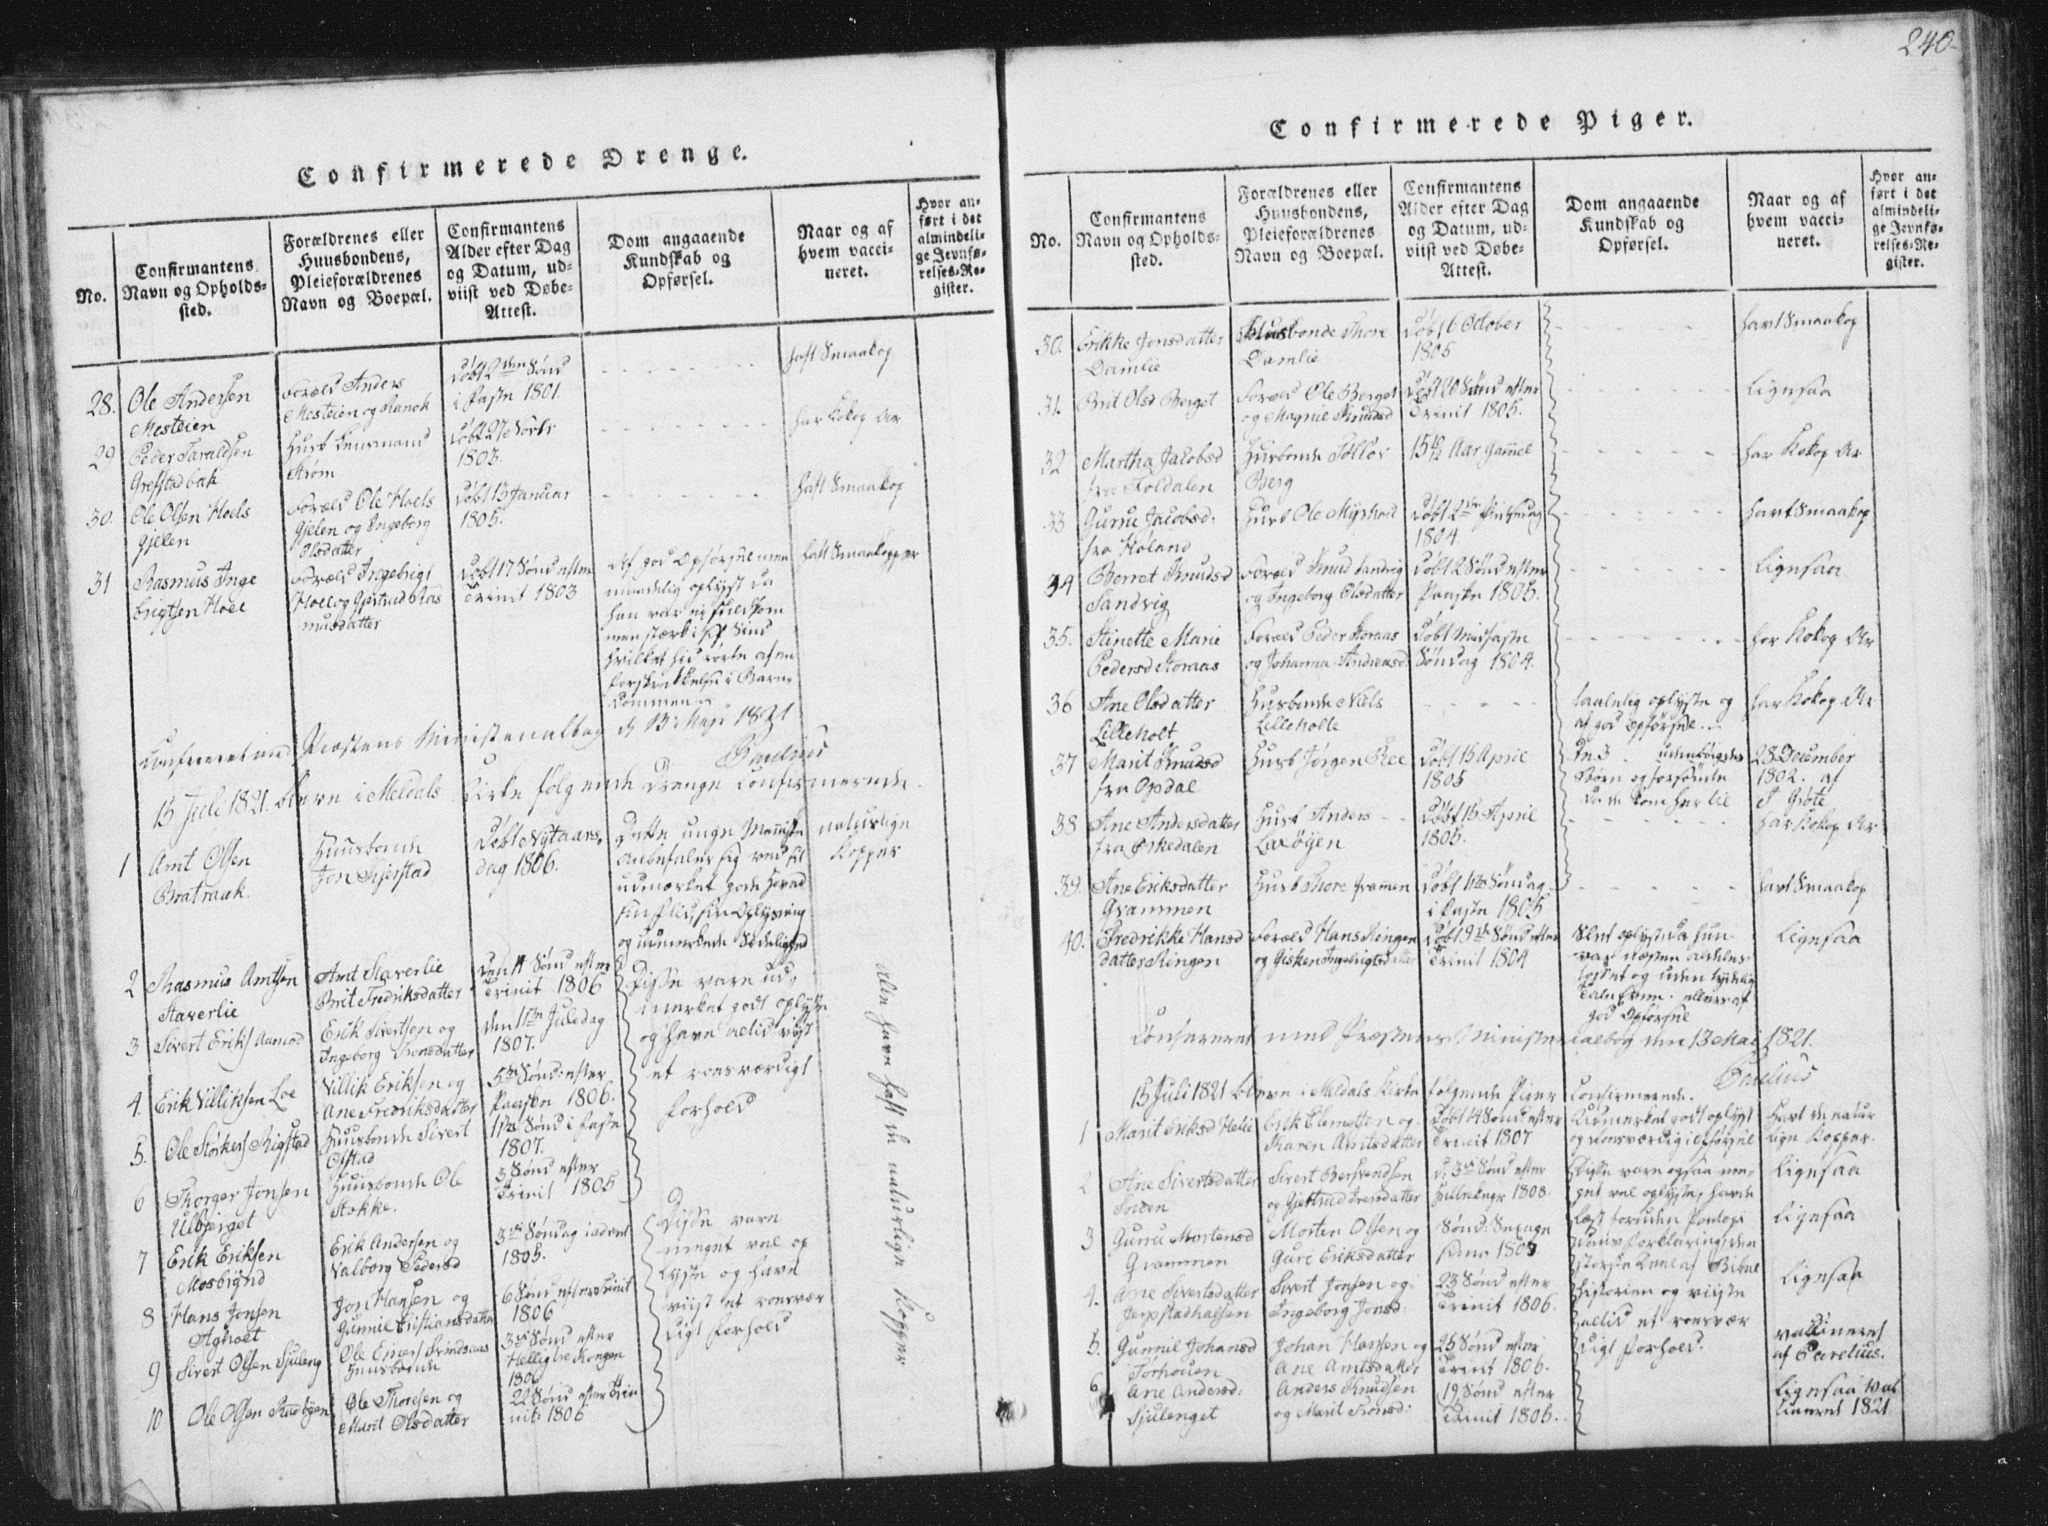 SAT, Ministerialprotokoller, klokkerbøker og fødselsregistre - Sør-Trøndelag, 672/L0862: Klokkerbok nr. 672C01, 1816-1831, s. 240